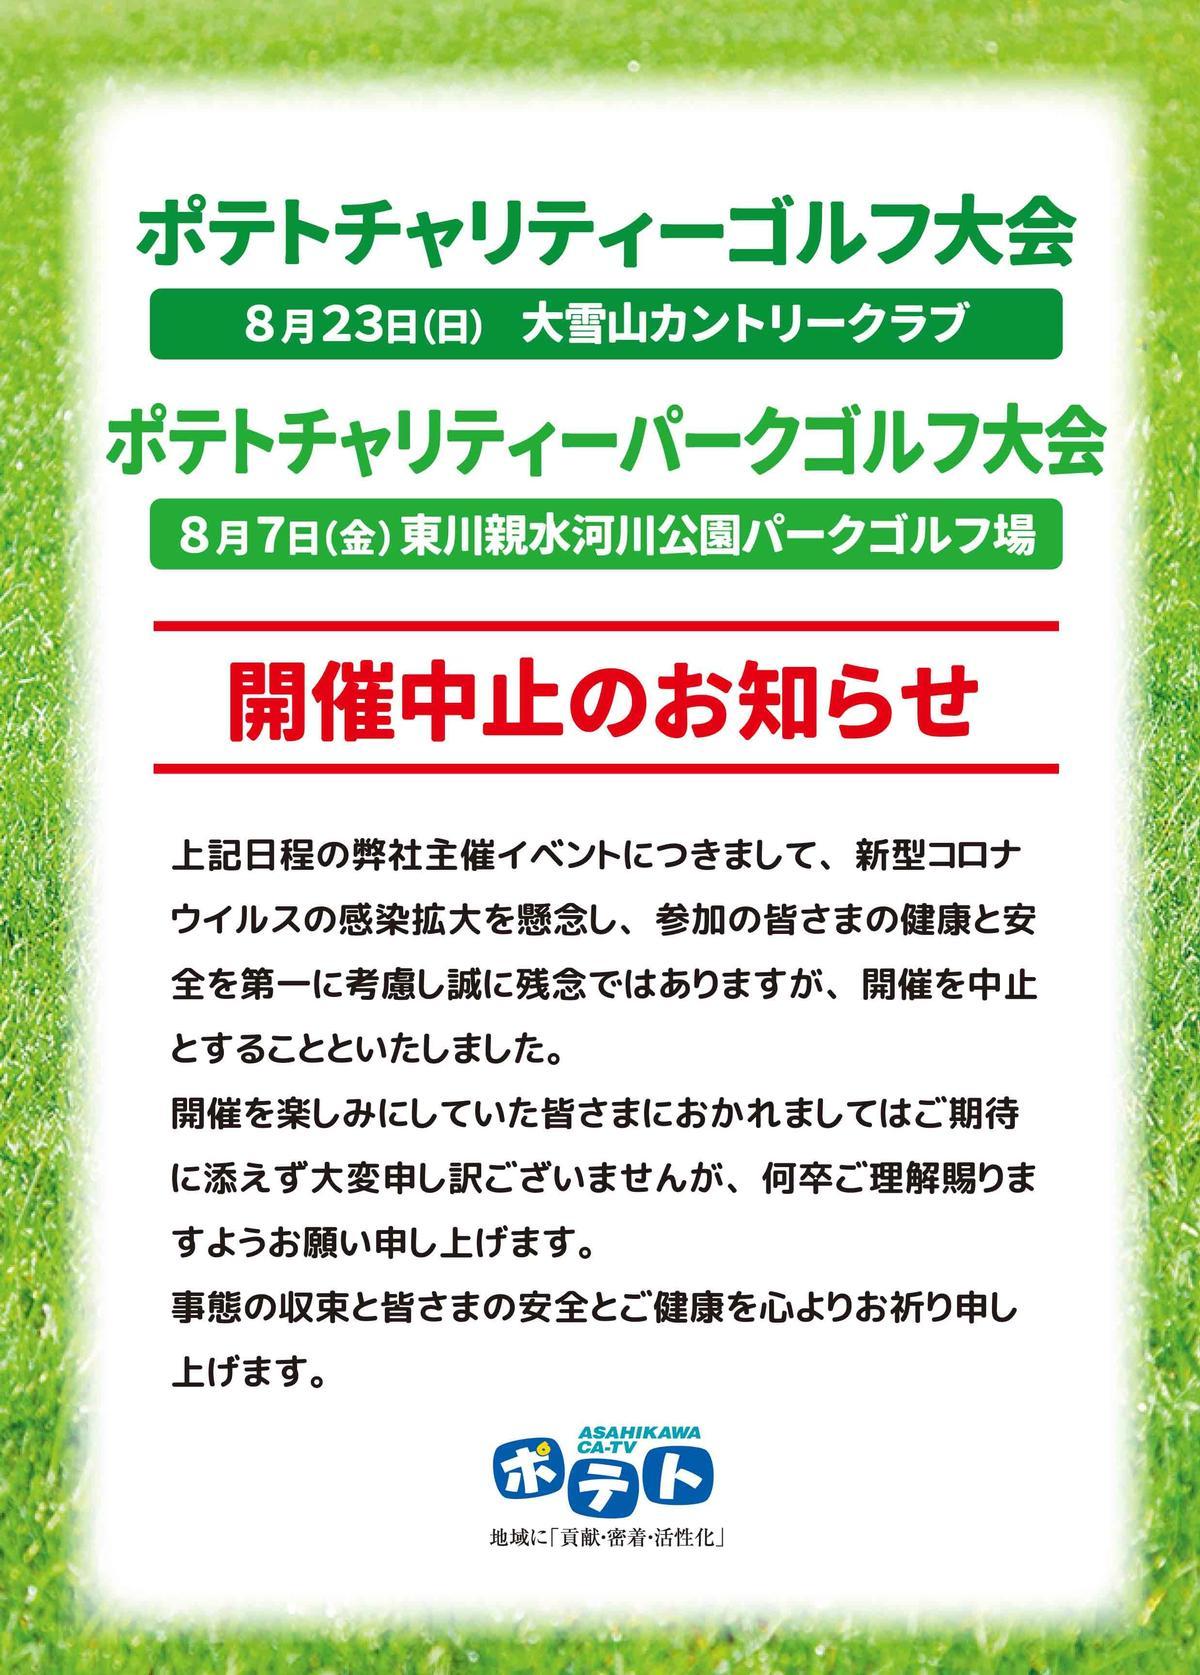 P118 ゴルフコンペ・パークゴルフ大会中止の案内.jpg